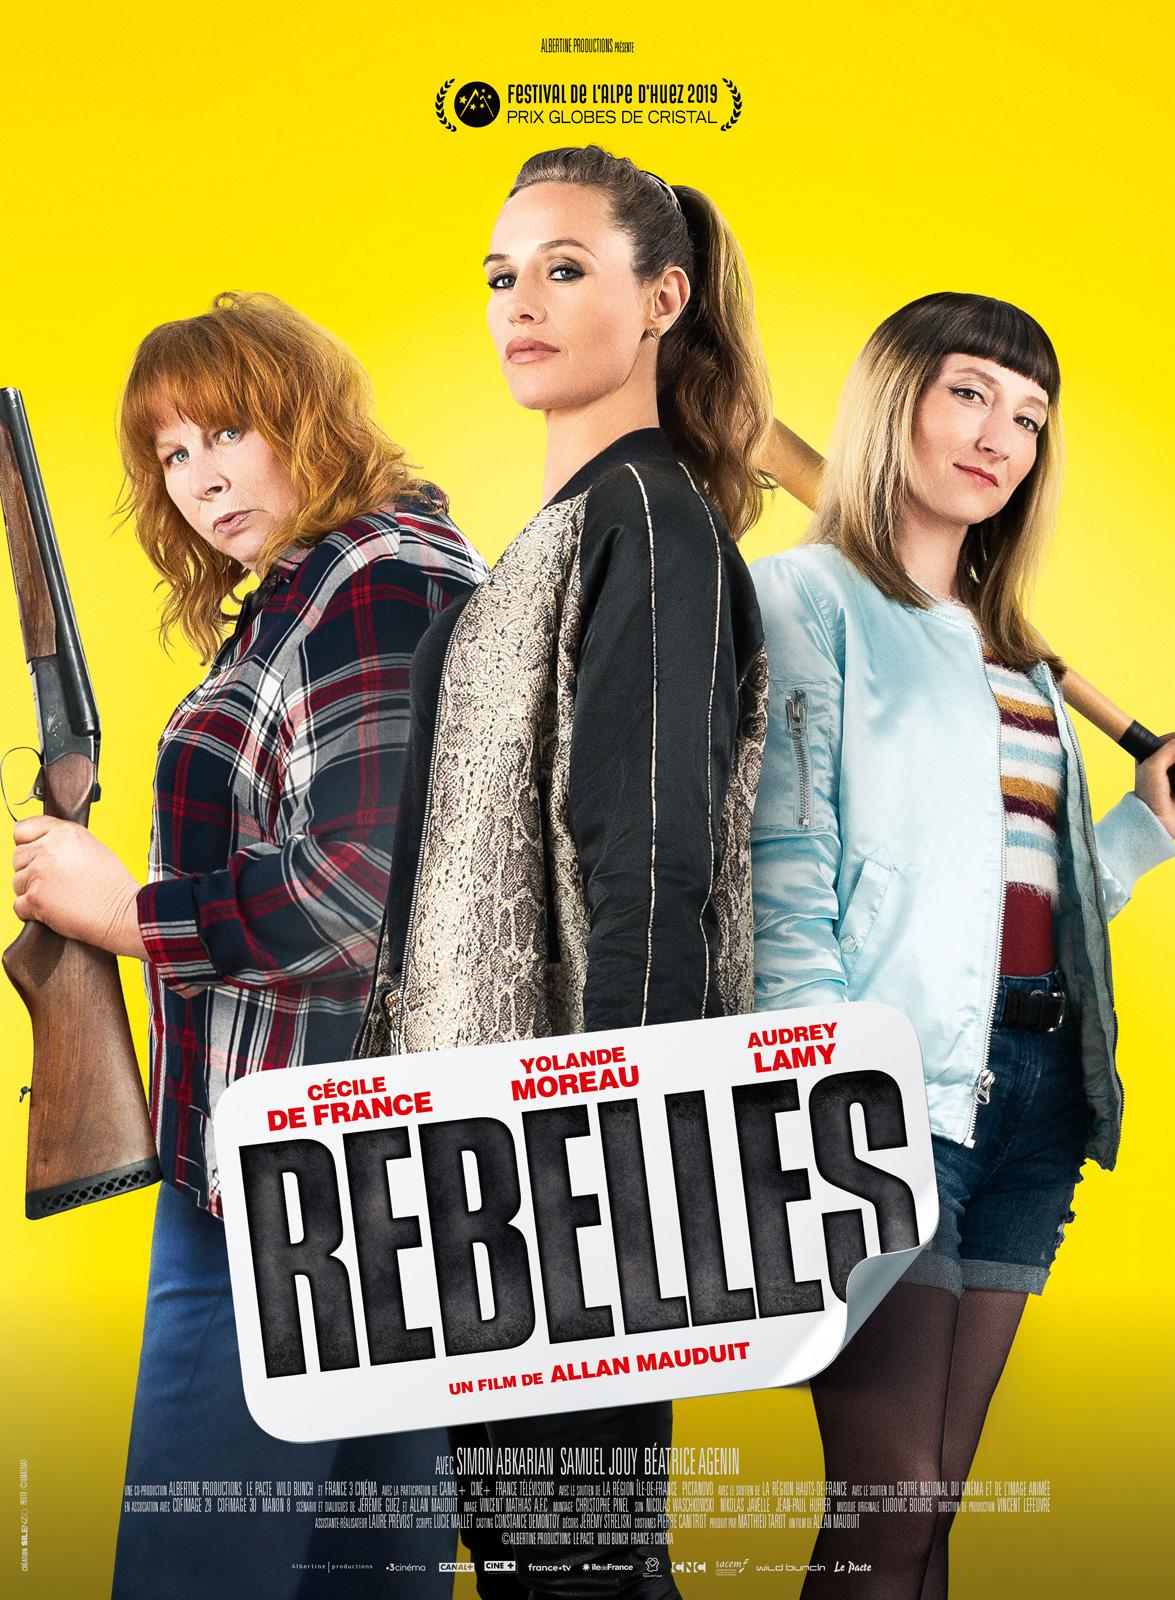 Achat Rebelles en DVD - AlloCiné